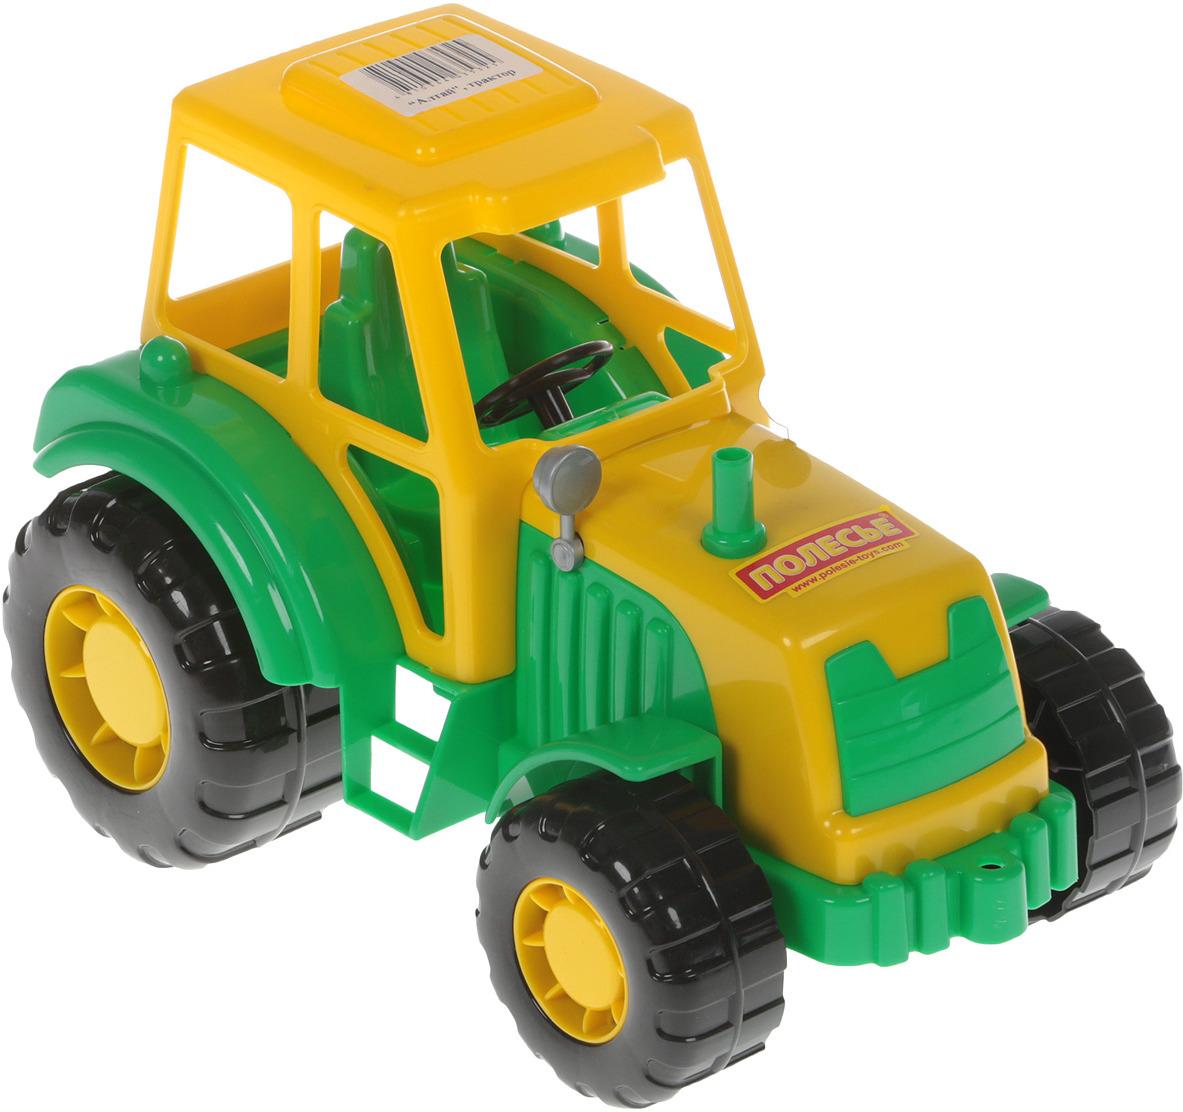 игрушки в песочницу Полесье Трактор Алтай, цвет в ассортименте